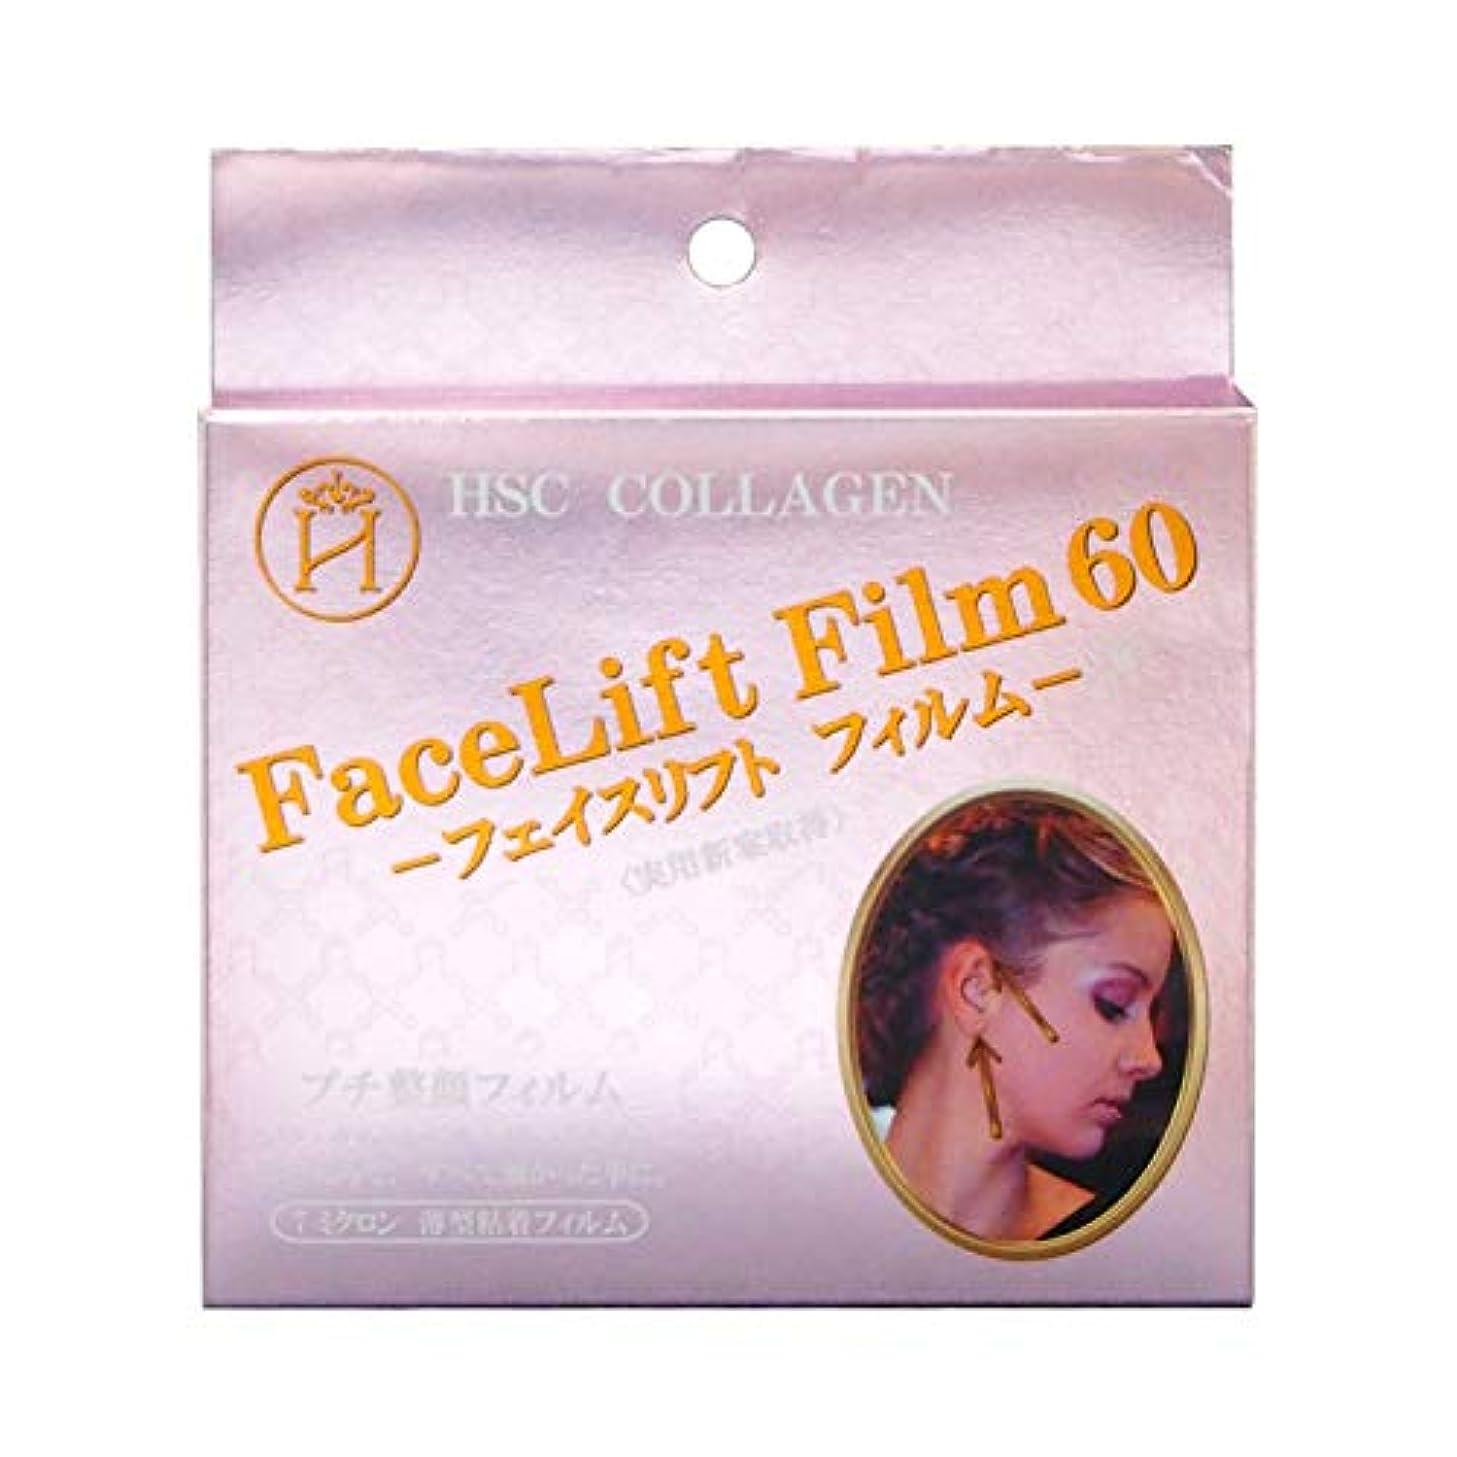 下る二明示的にフェイスリフトフィルム60 たるみ テープ 引き上げ 透明 目立たない フェイスライン